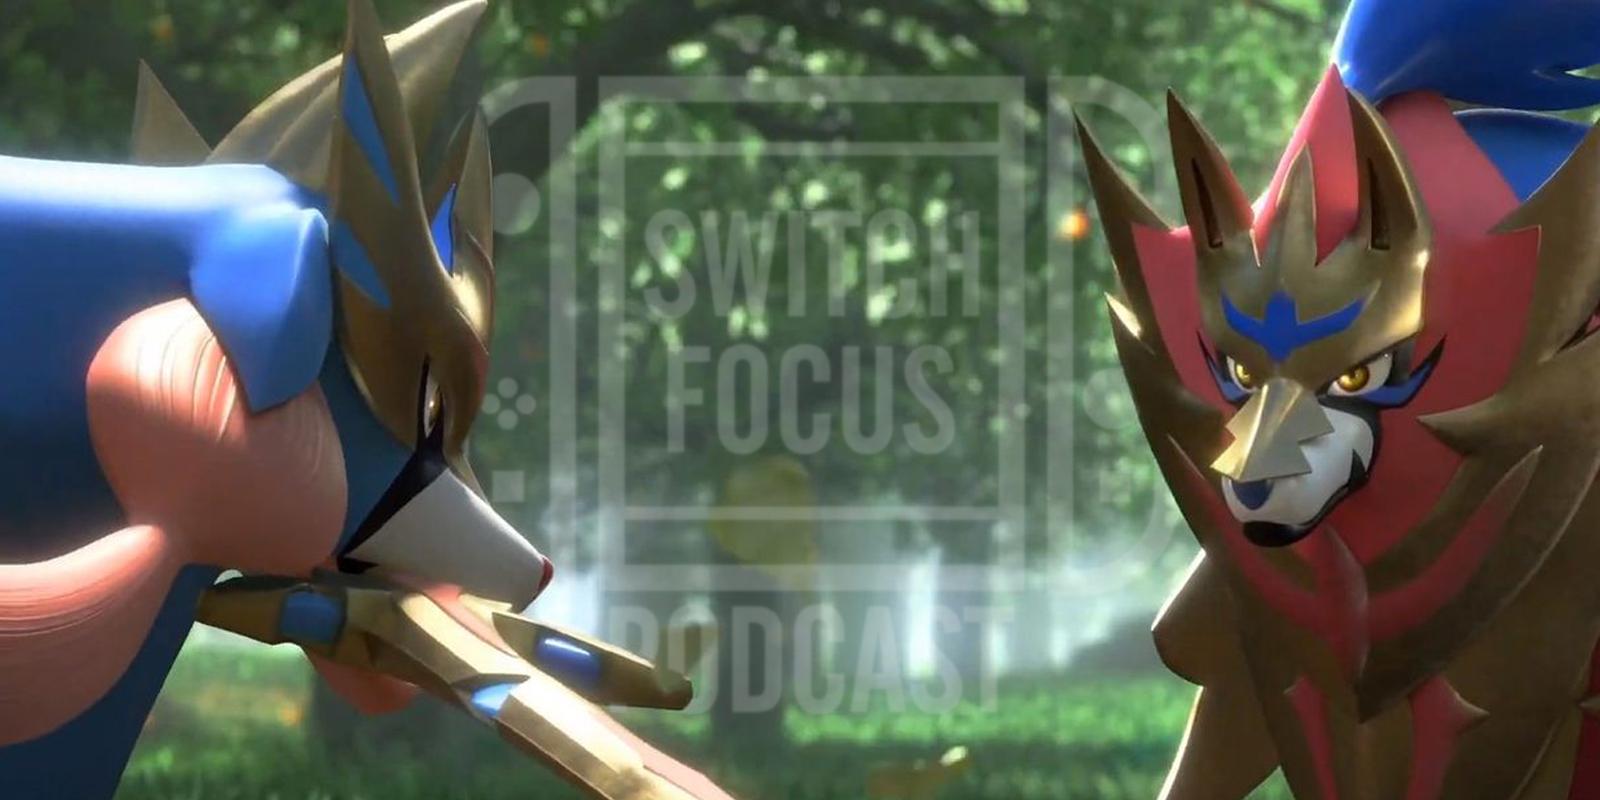 N-Focus